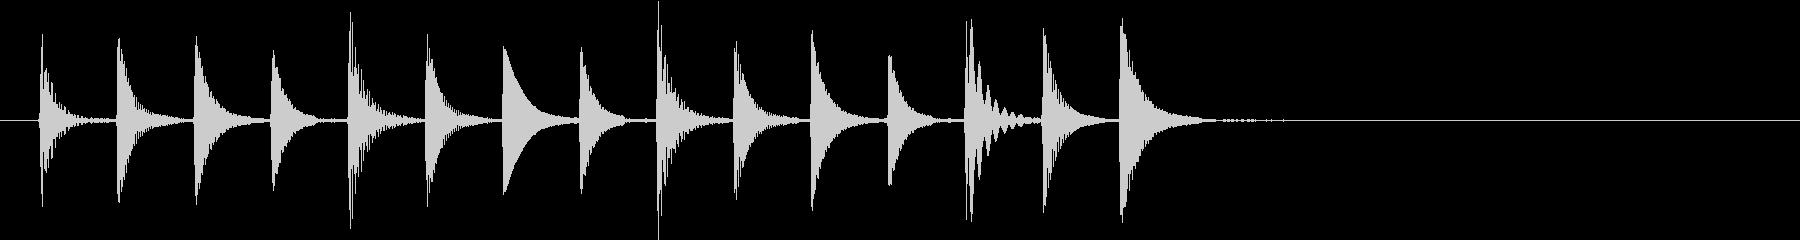 電子音の不思議なイメージのSEの未再生の波形